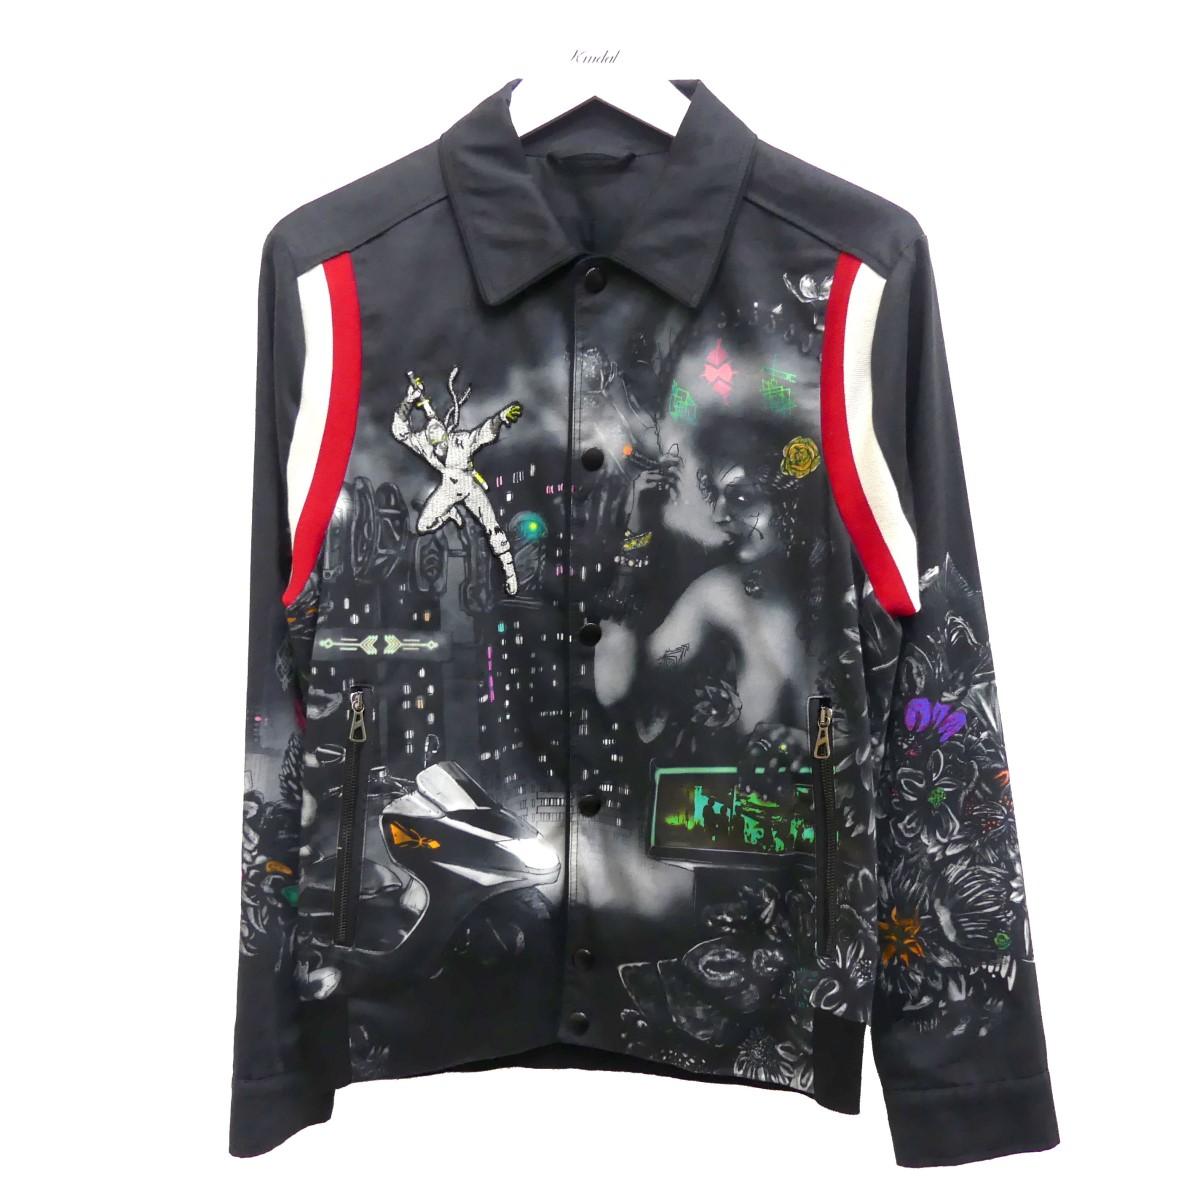 【中古】LANVIN 17SS デザインコーチジャケット ブラック サイズ:44 【020720】(ランバン)